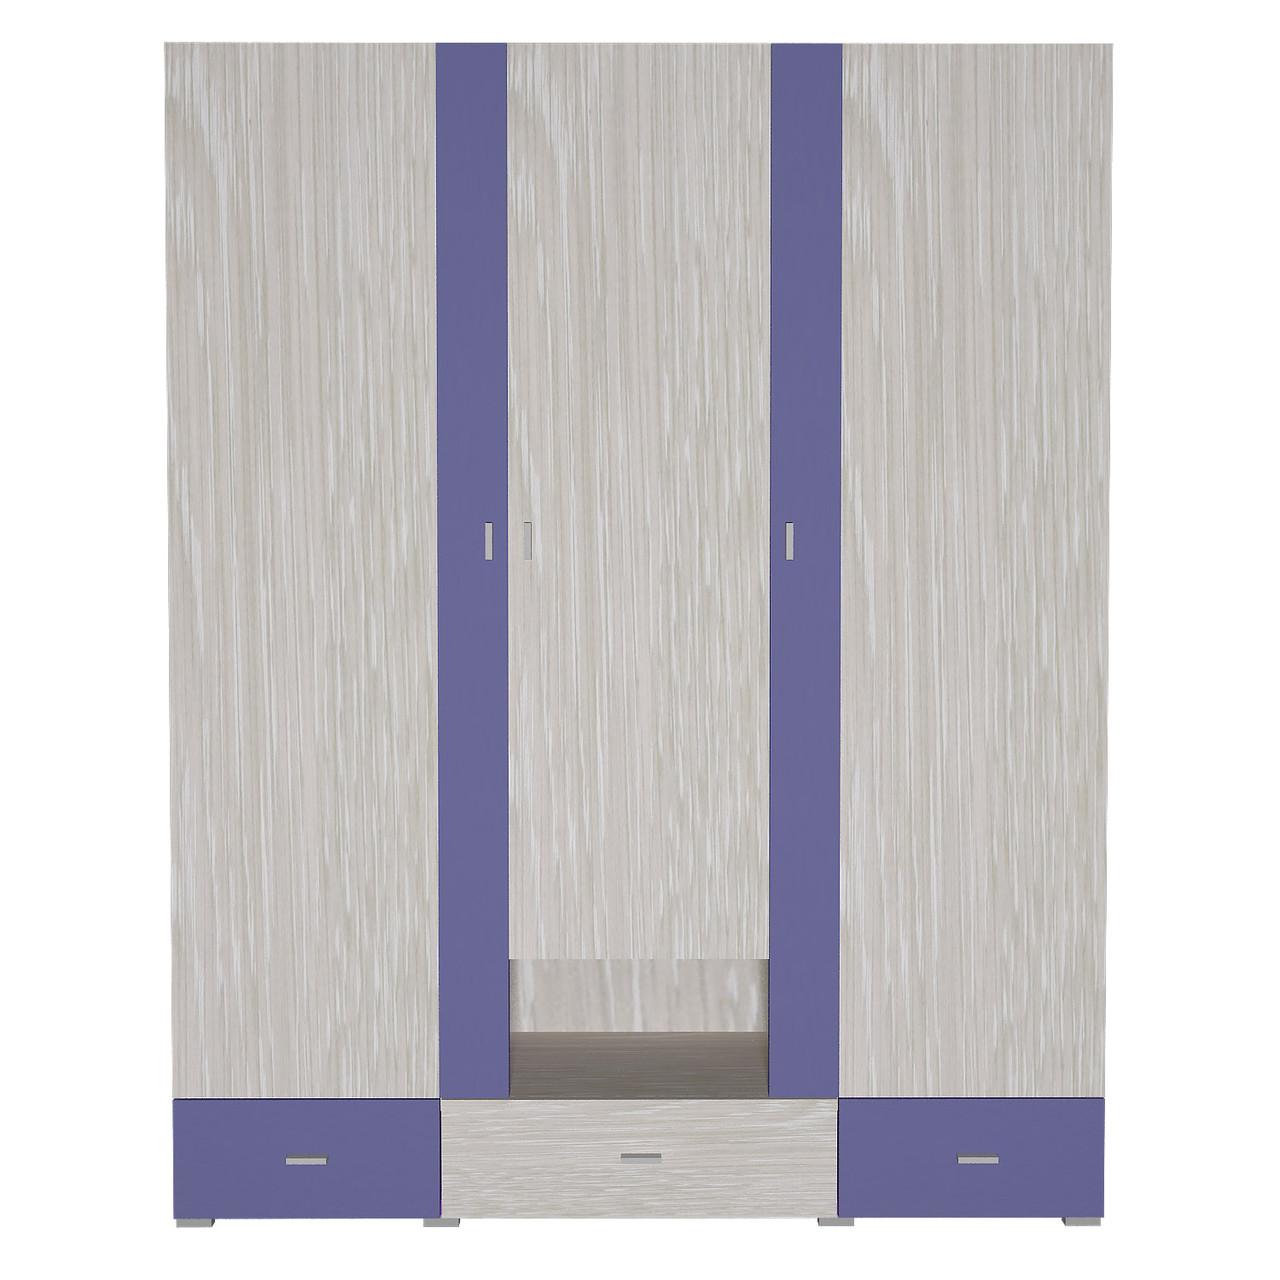 Шафа в дитячу кімнату з ДСП/МДФ AXEL A Blonski 3-х дверна атланта+синій